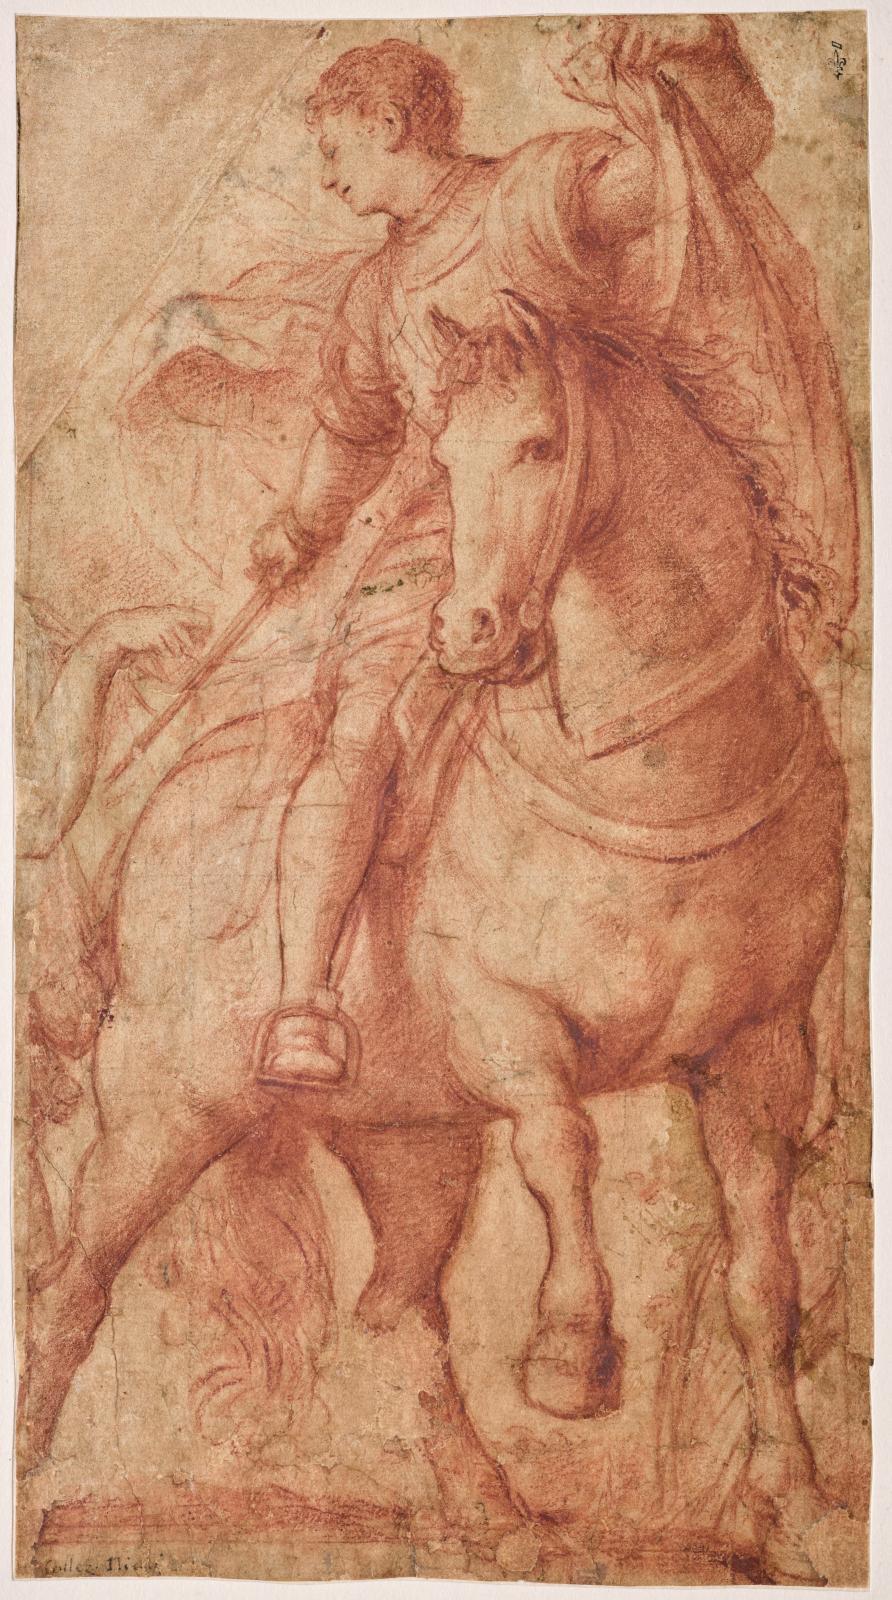 Il Pordenone (1483/1484-1539) Saint Martin à cheval partageant son manteau, vers 1528, sanguine, traces de mise à carreau à la pierre noire, Chantilly